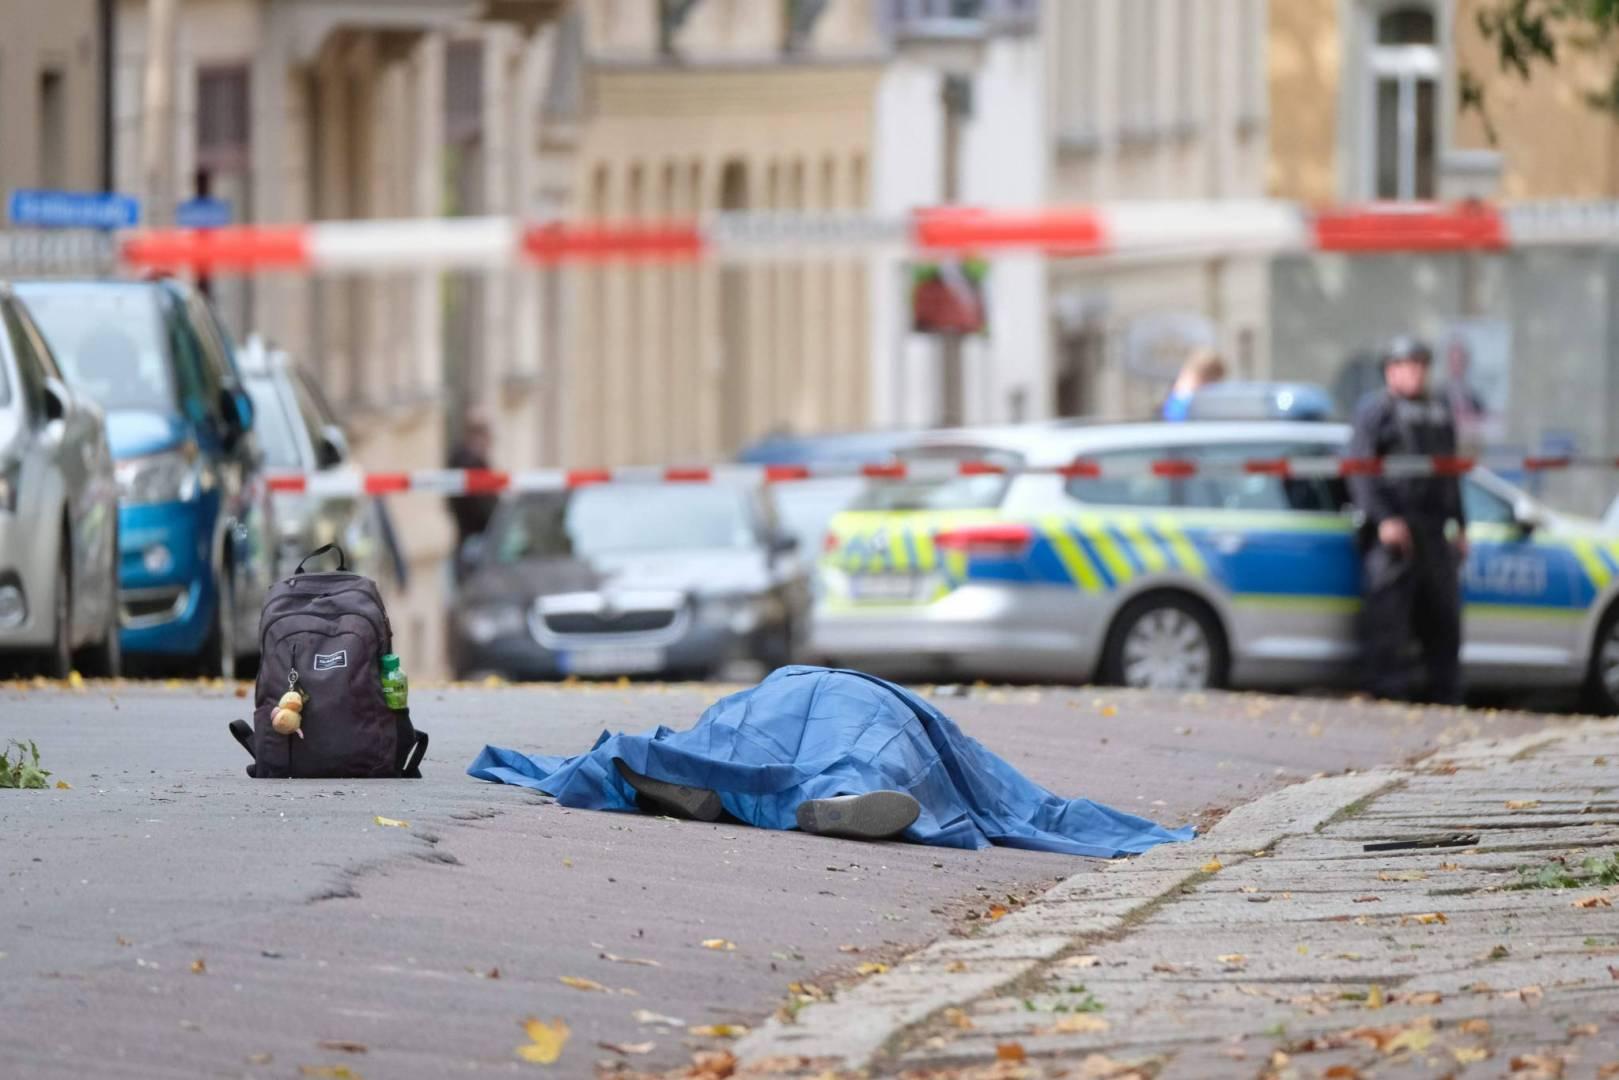 قتيلان في إطلاق نار بأحد شوارع مدينة هاله الألمانية